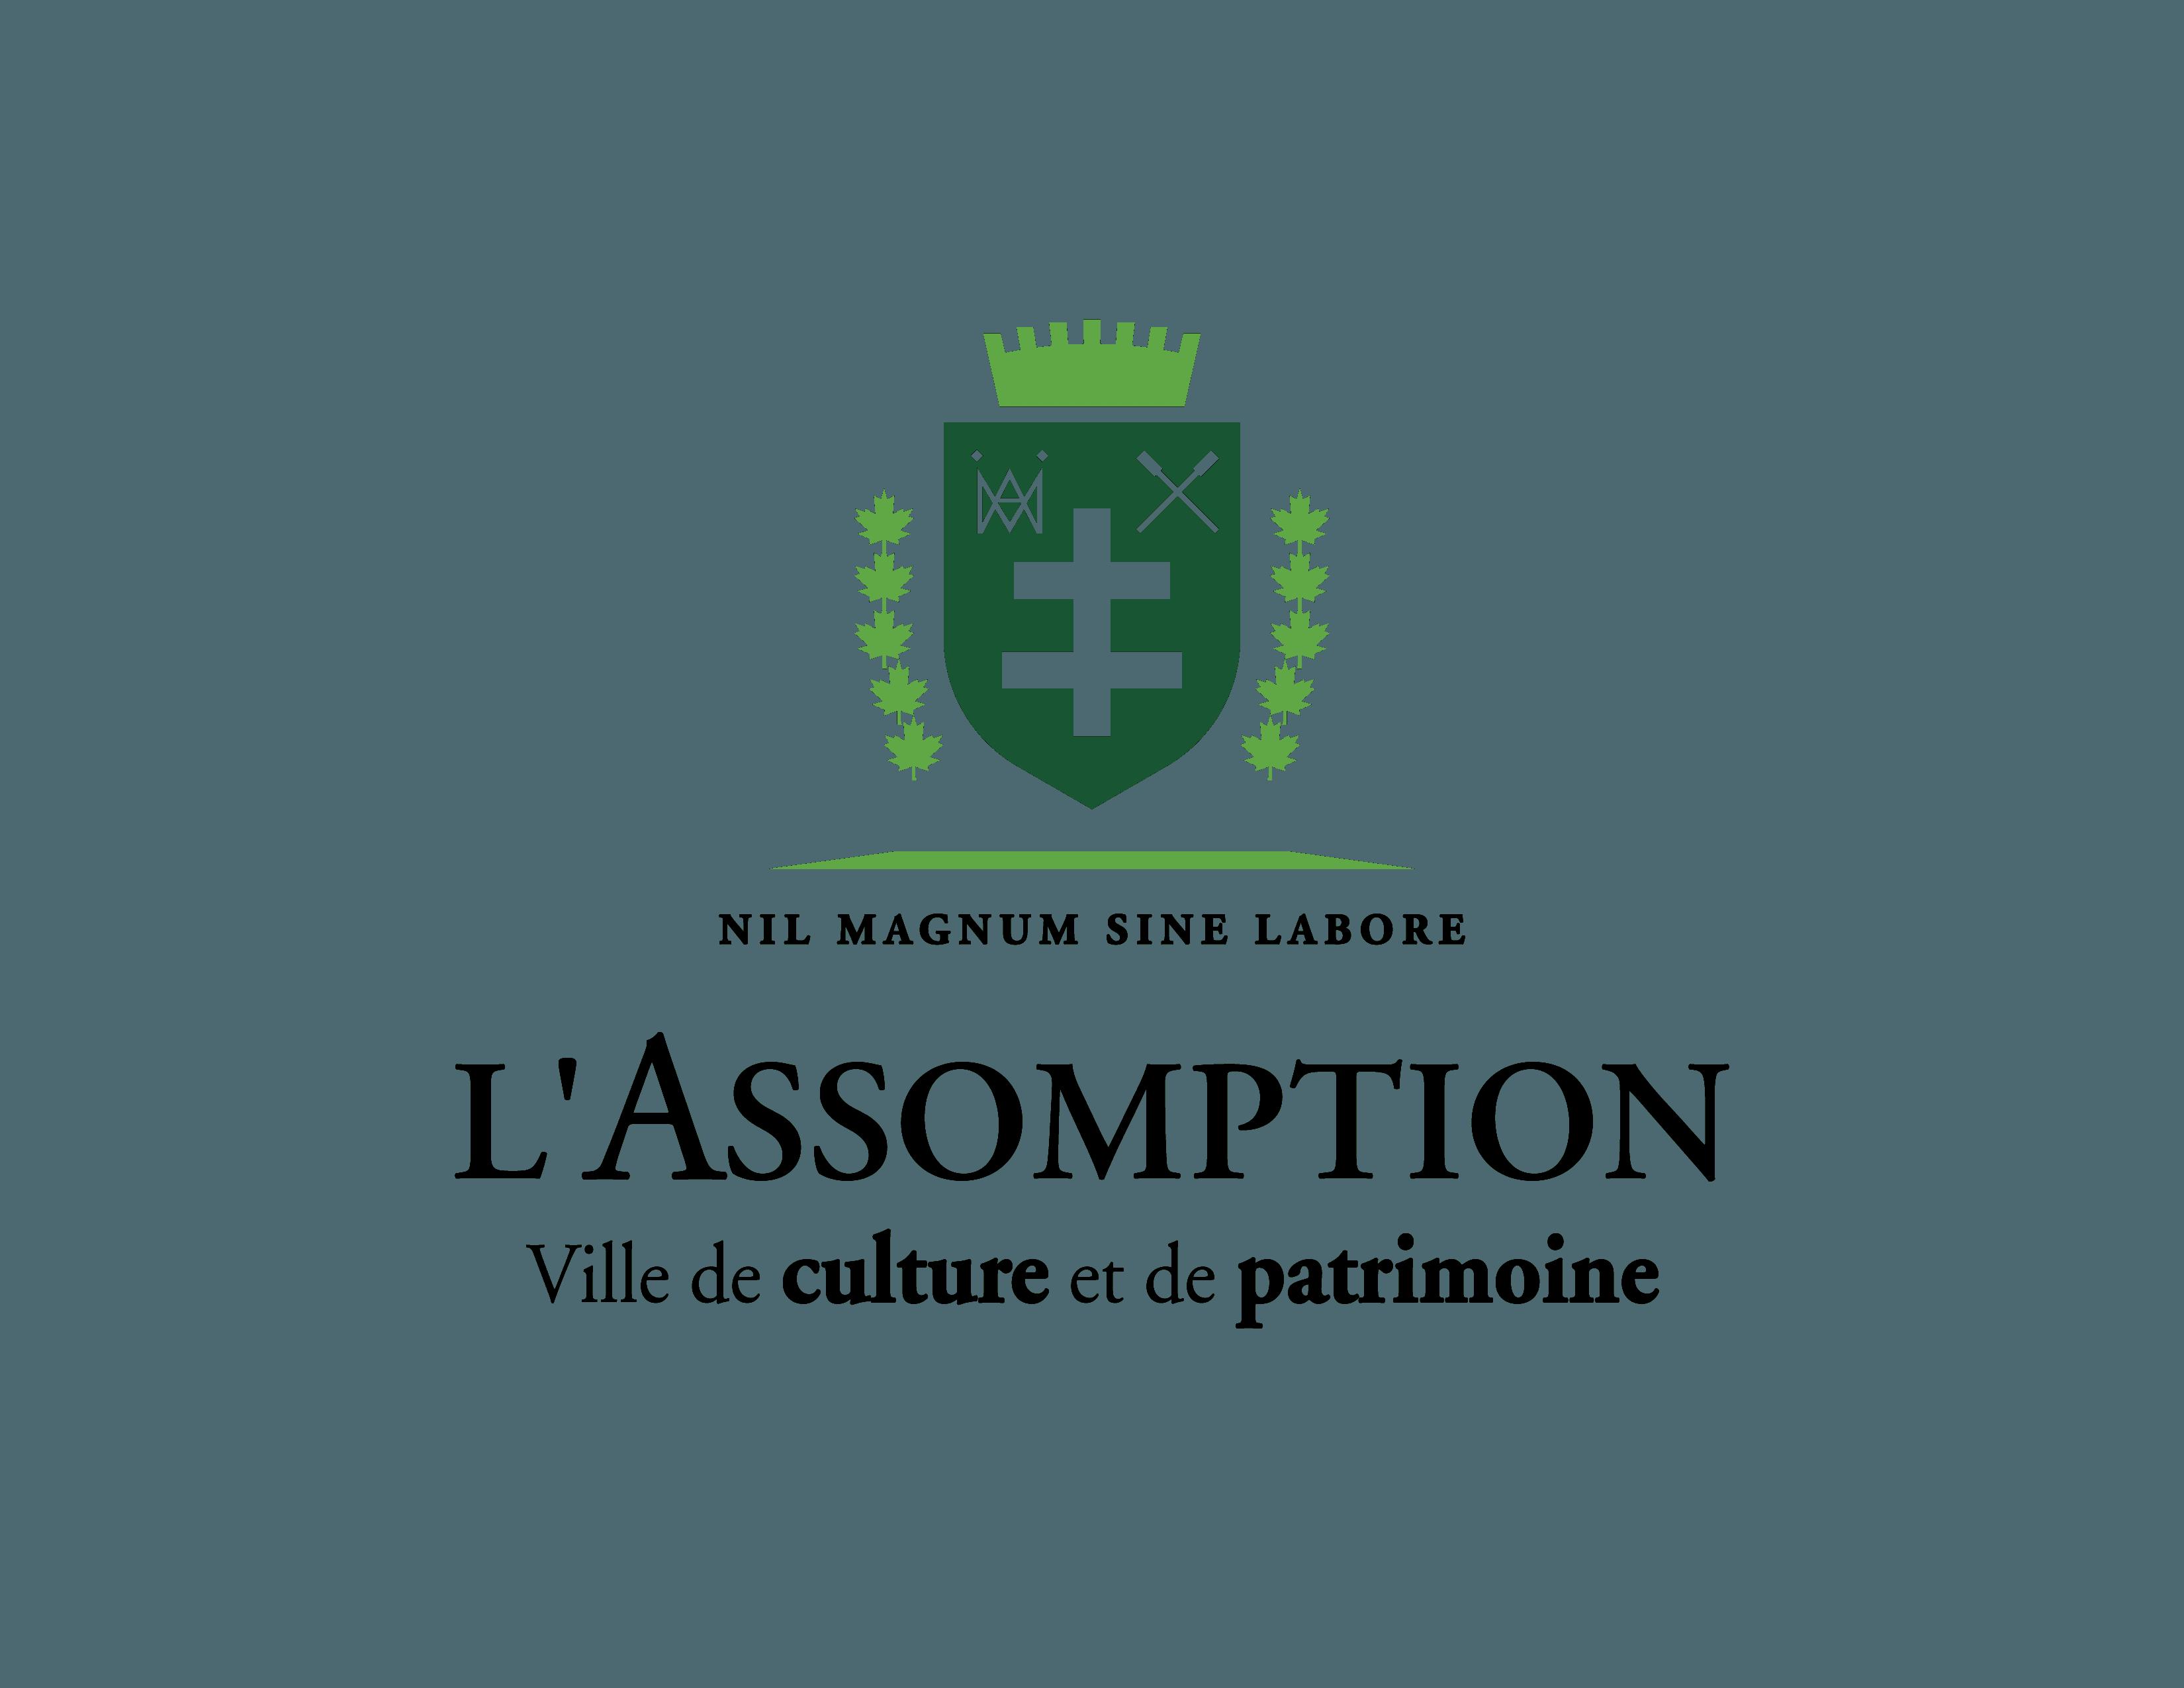 Lassomption_3 coul-01